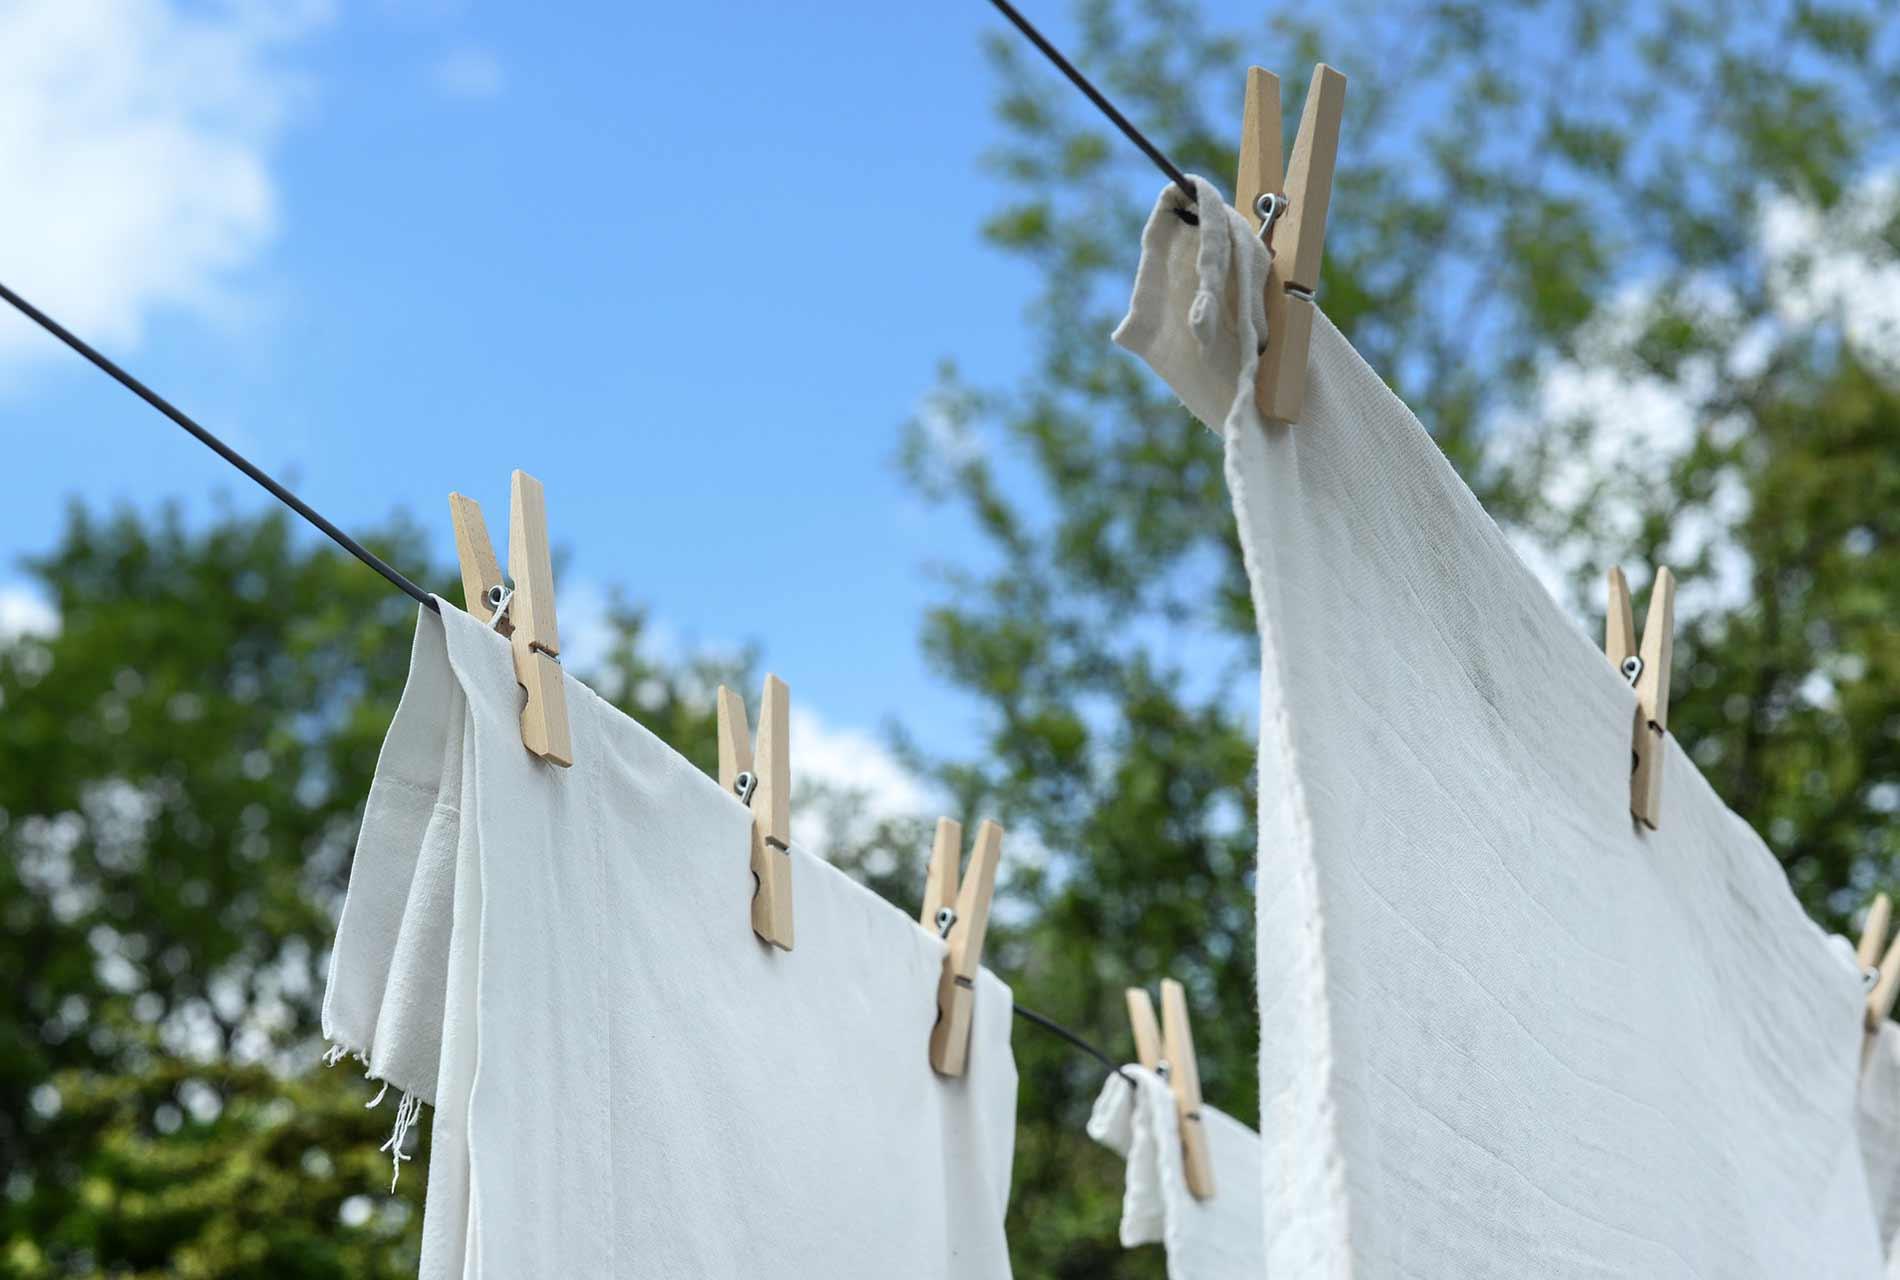 Wäscheleine mit frischgewaschener Wäsche